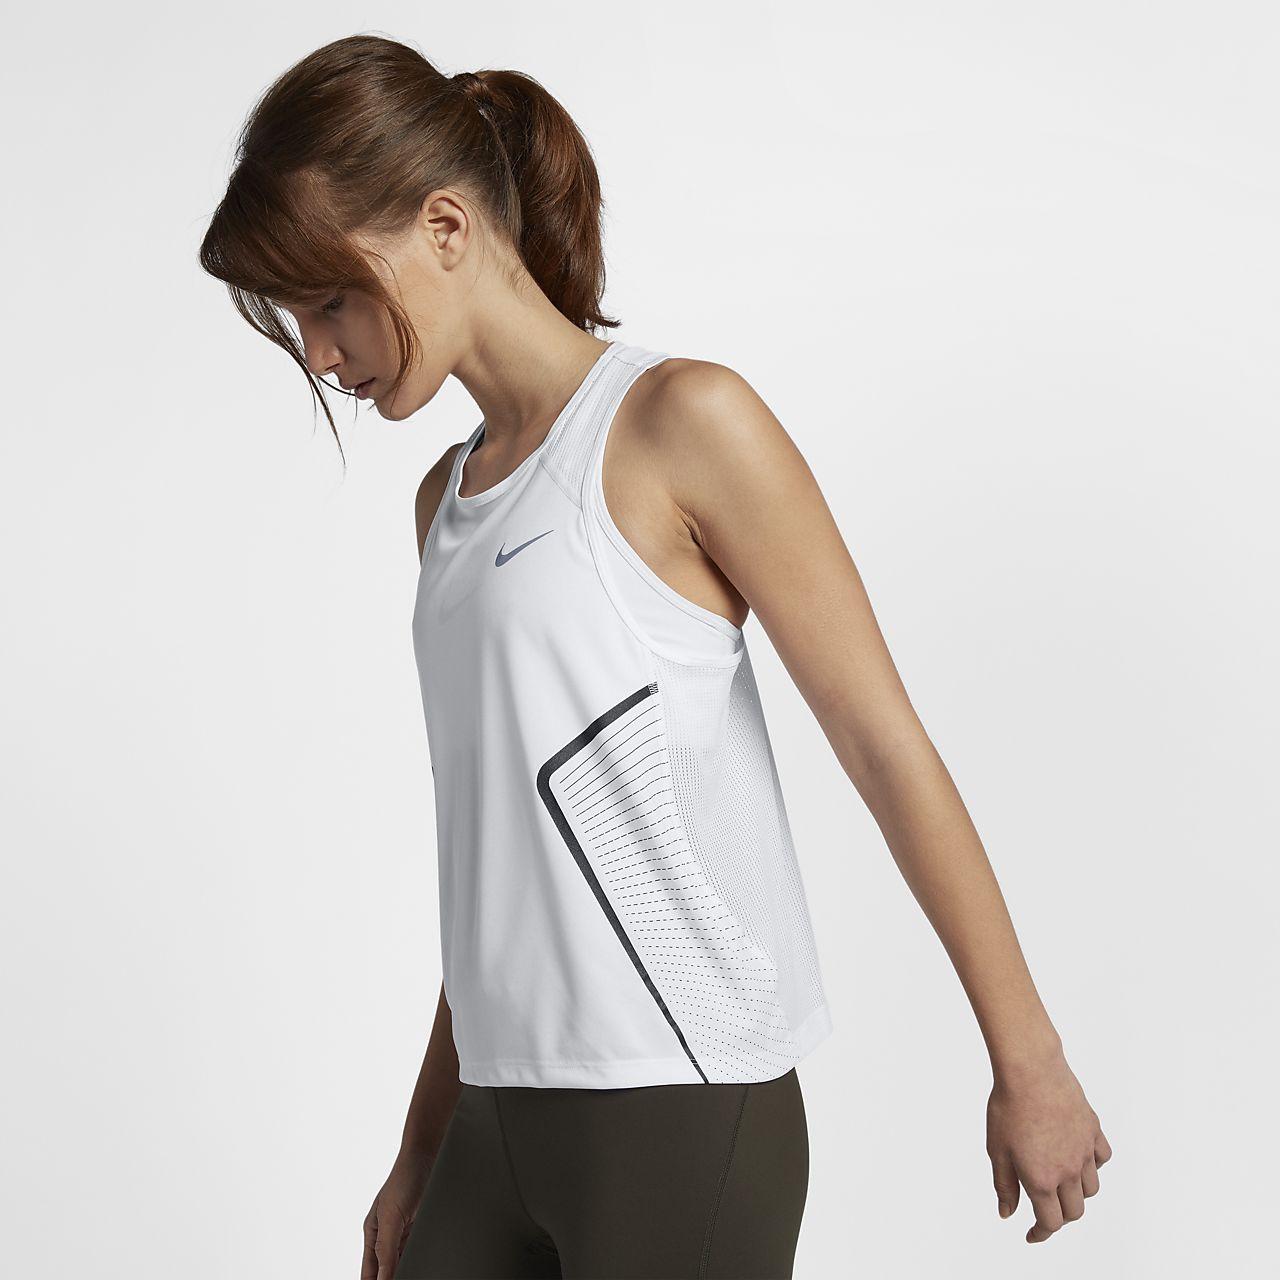 เสื้อกล้ามวิ่งผู้หญิง Nike Dri-FIT Miler